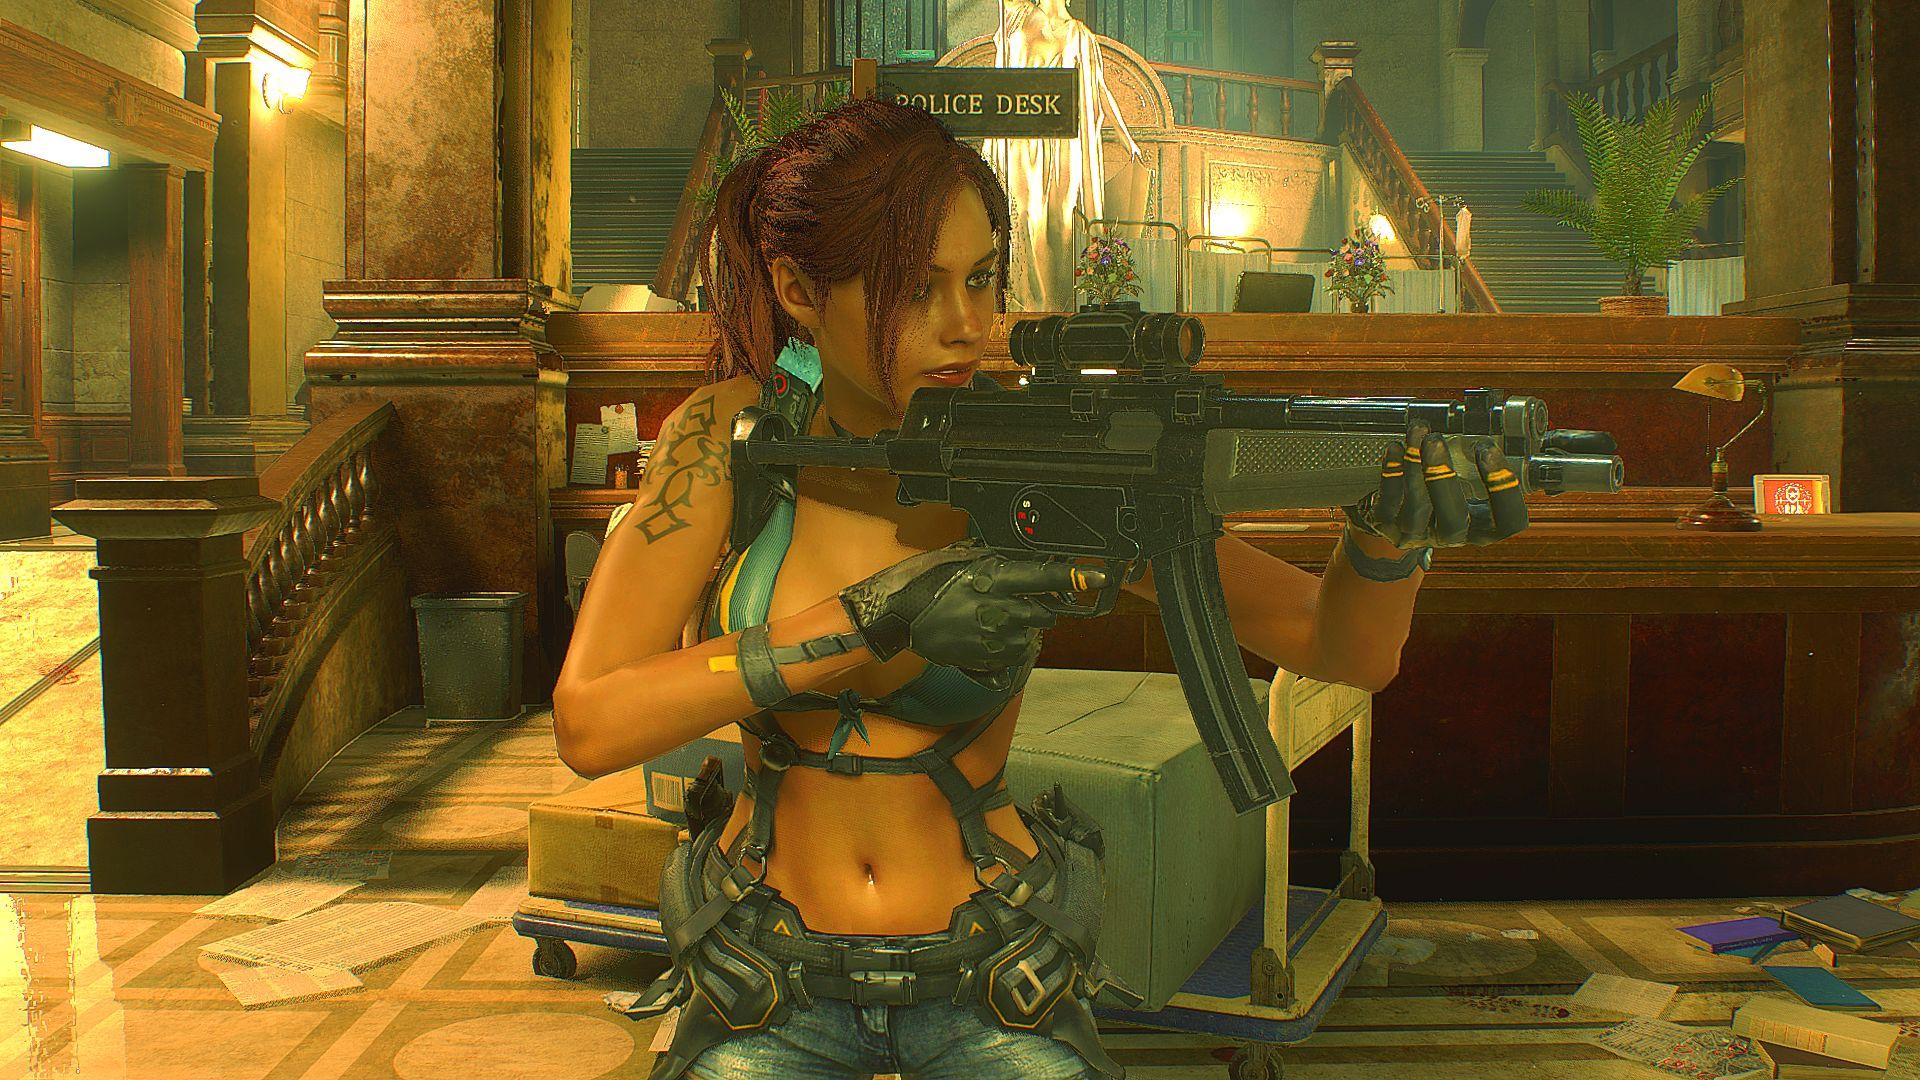 000166.Jpg - Resident Evil 2